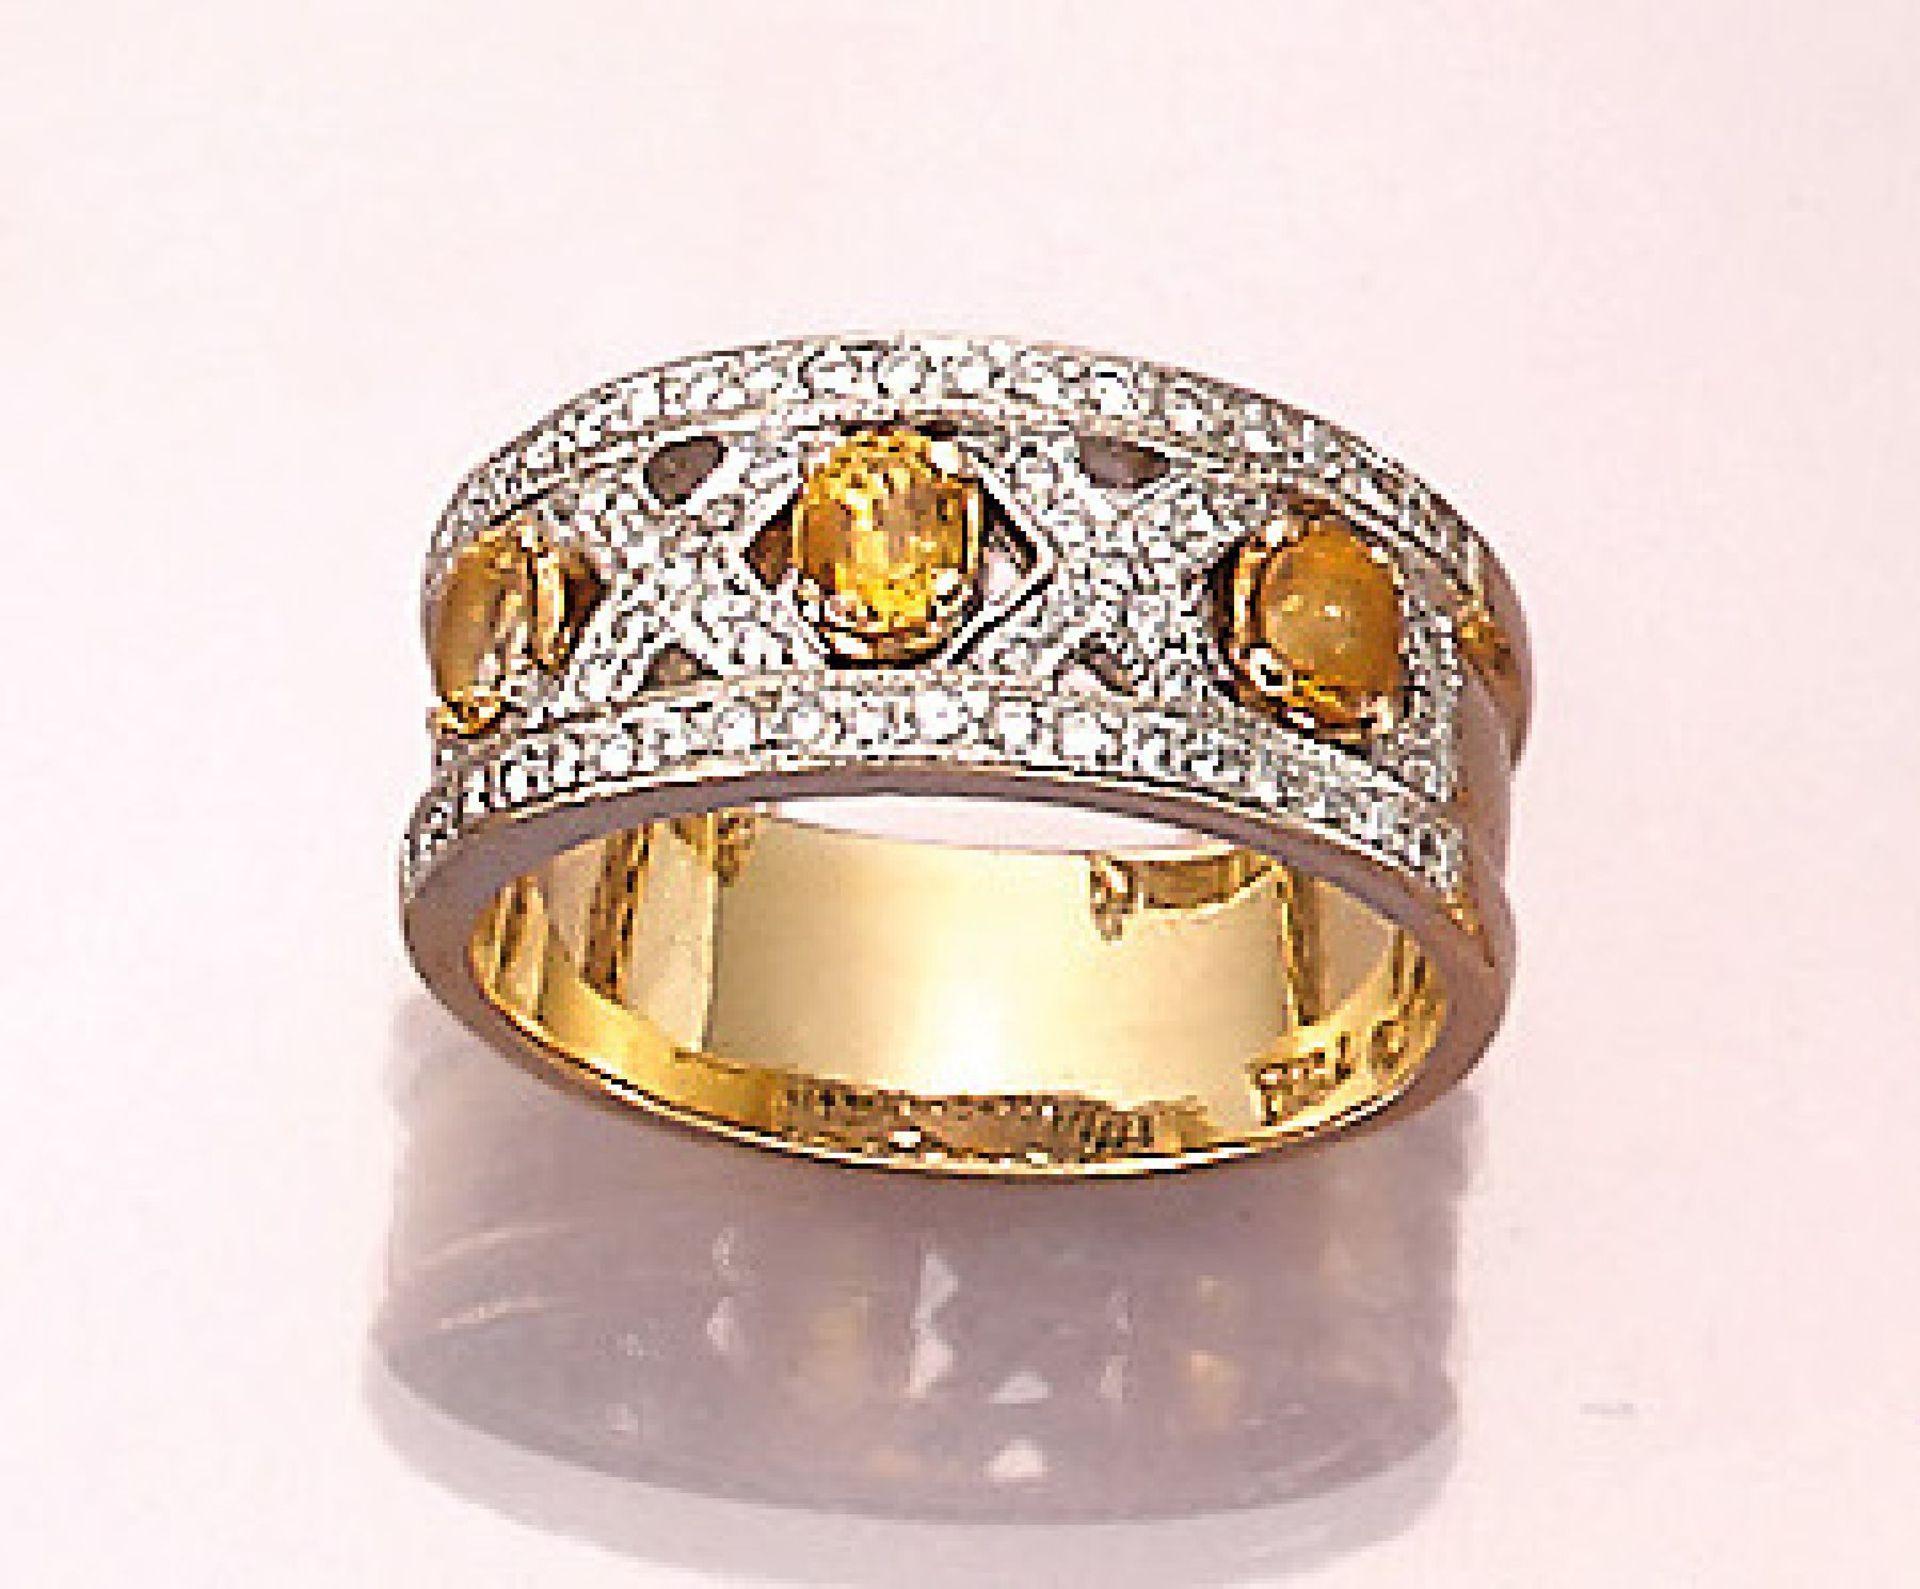 Los 21544 - Ring mit Saphiren und Brillanten, GG/WG 750/ 000, ovalfacett. Saphire zus. ca. 0.60 ct, gelb,